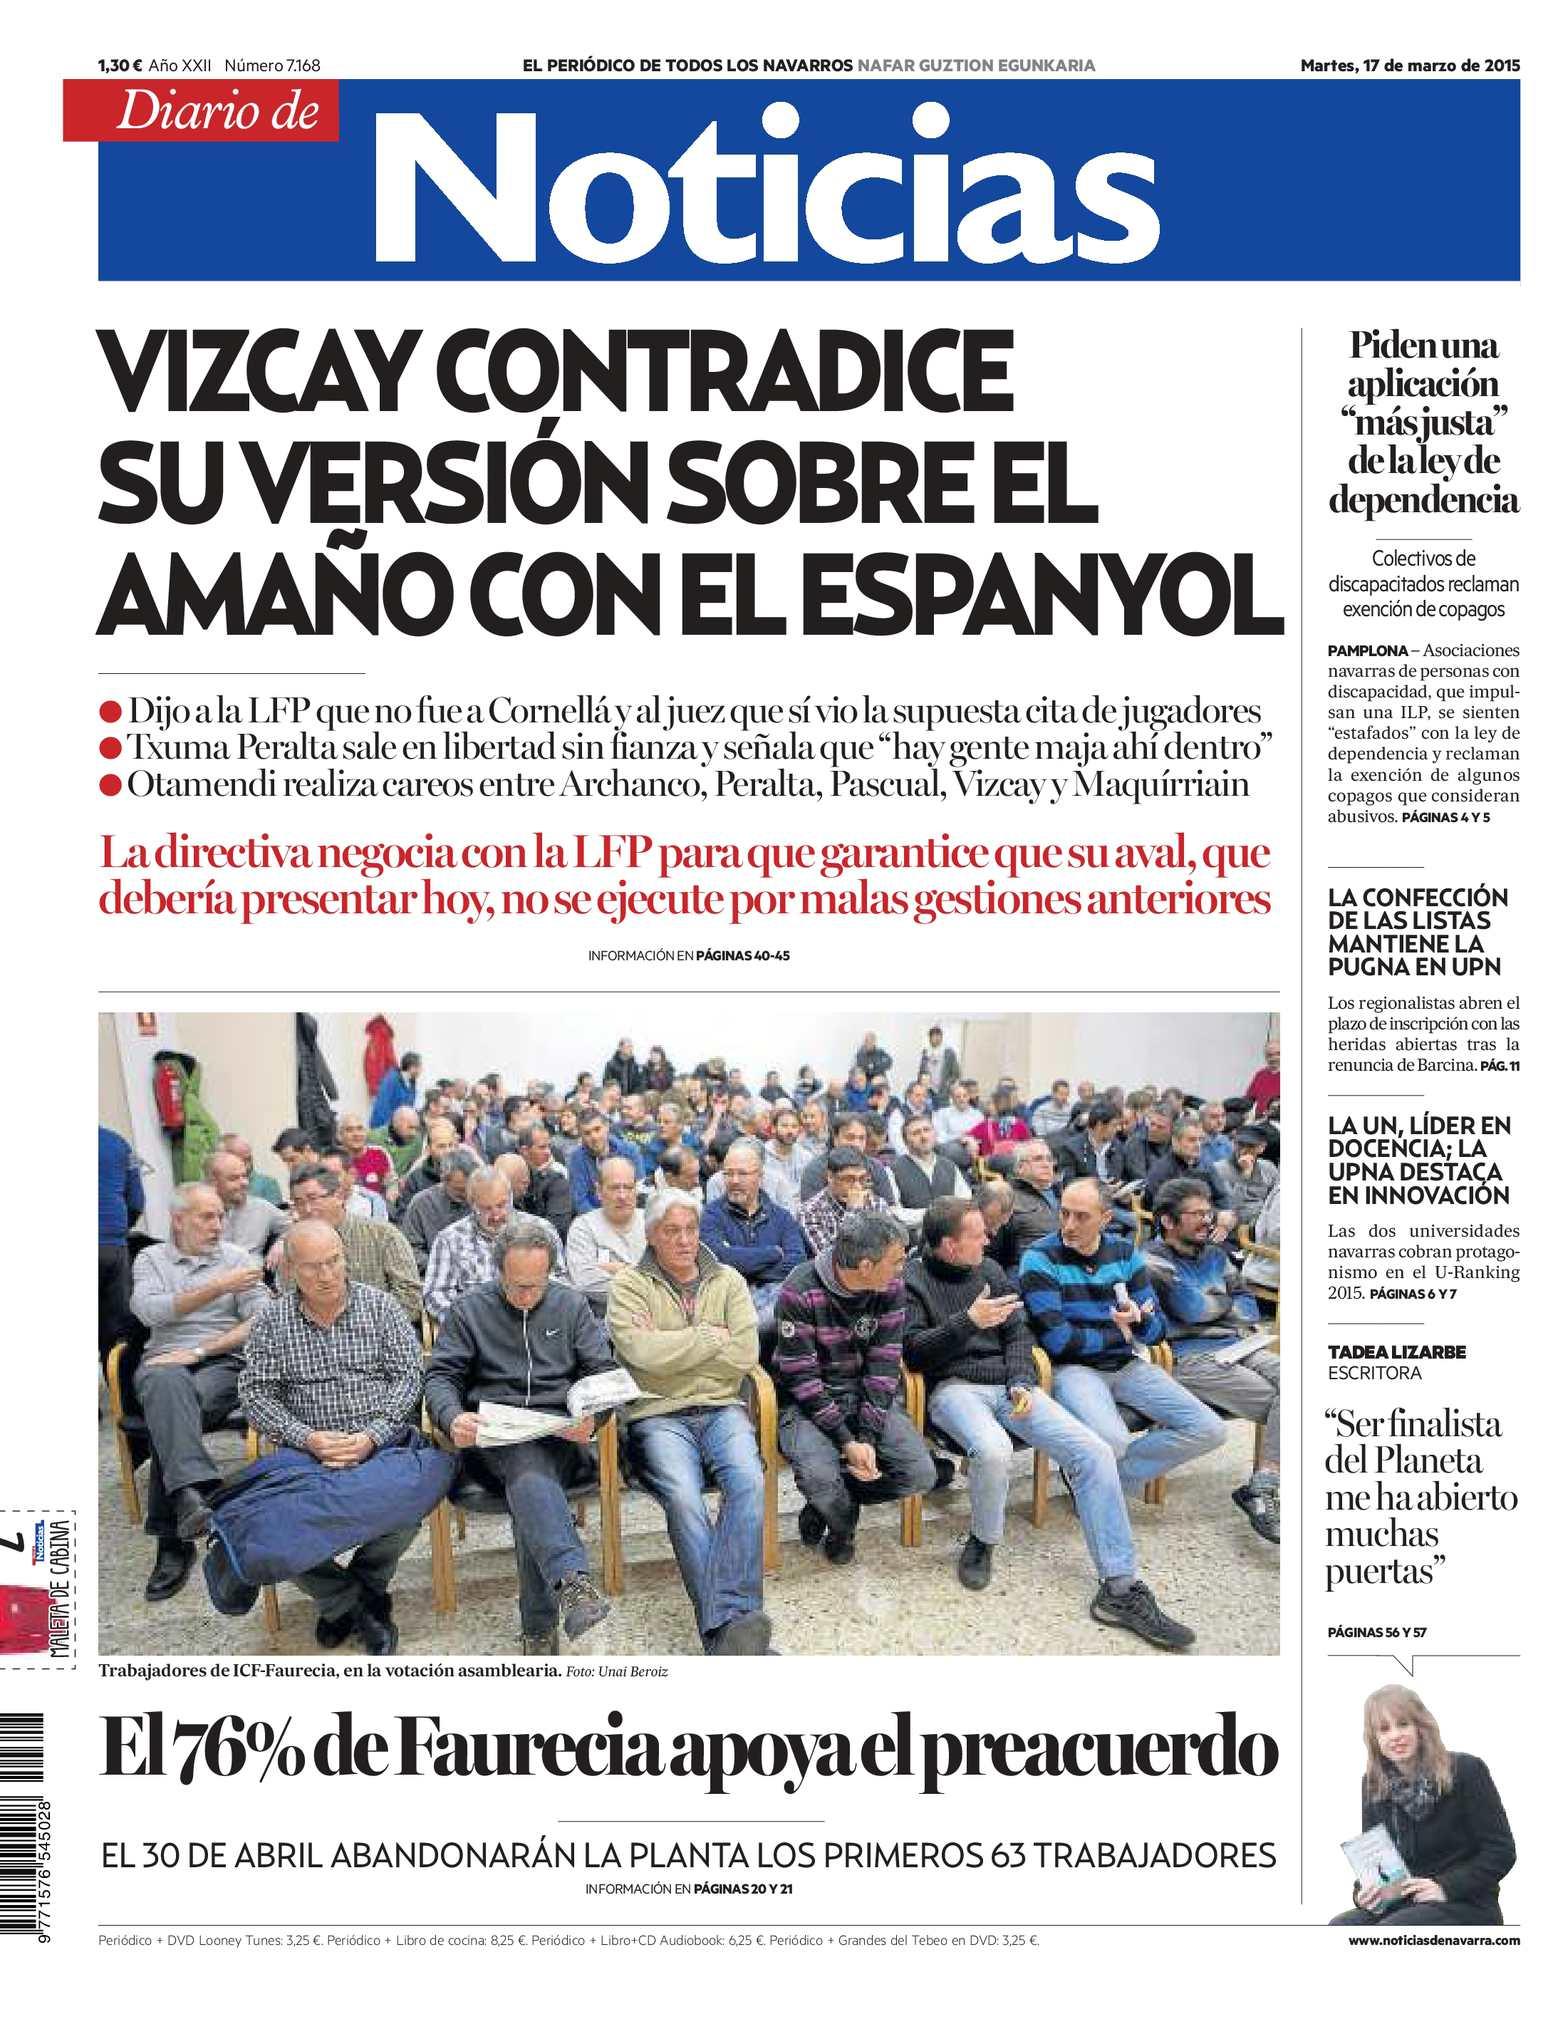 Calaméo - Diario de Noticias 20150317